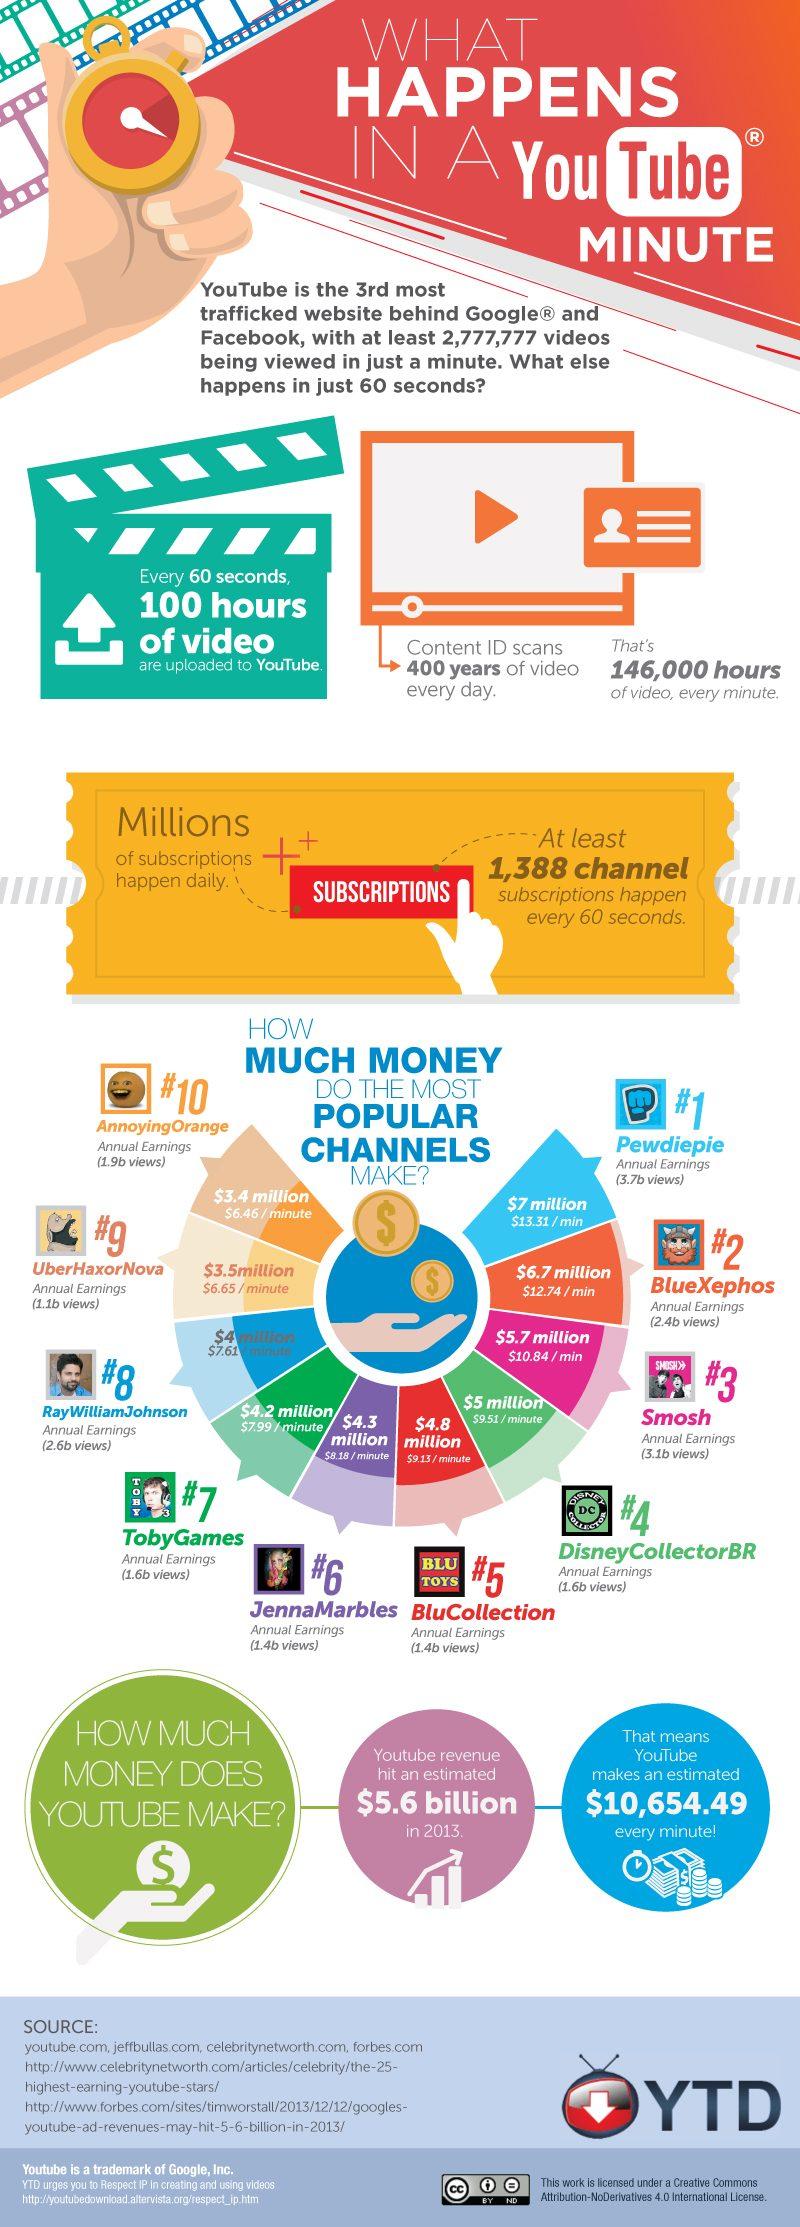 hur mycket tjänar youtubers